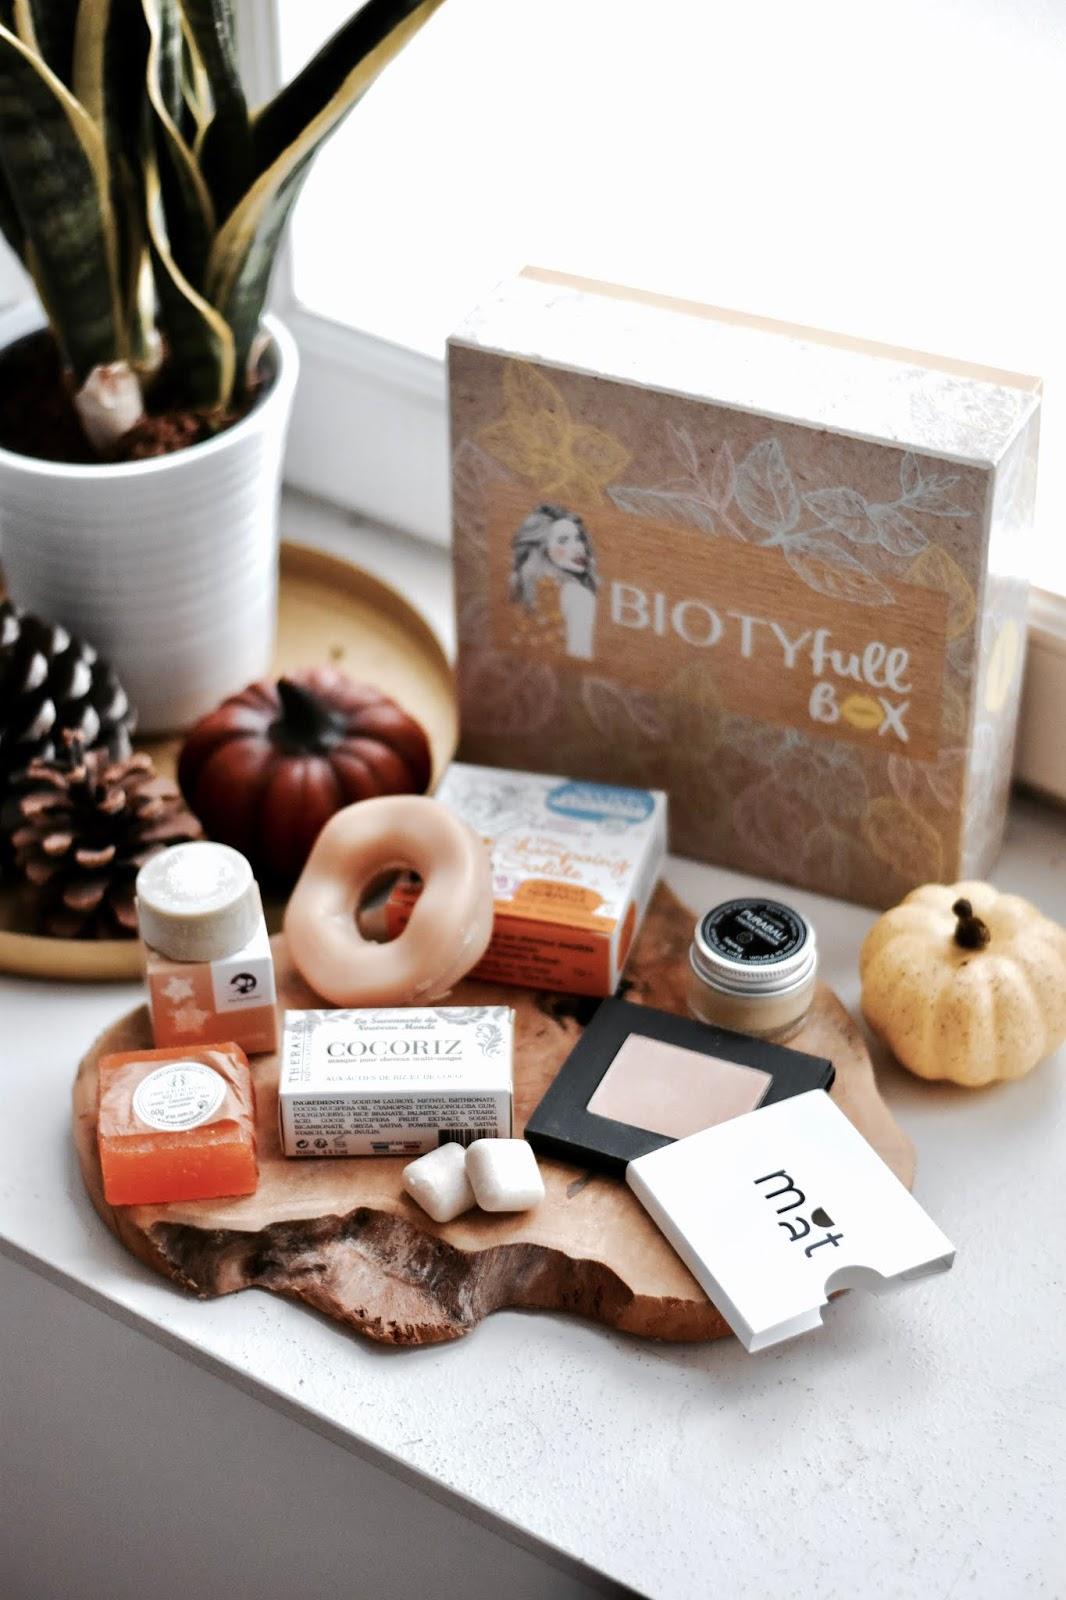 biotyfull box avis octobre 2019